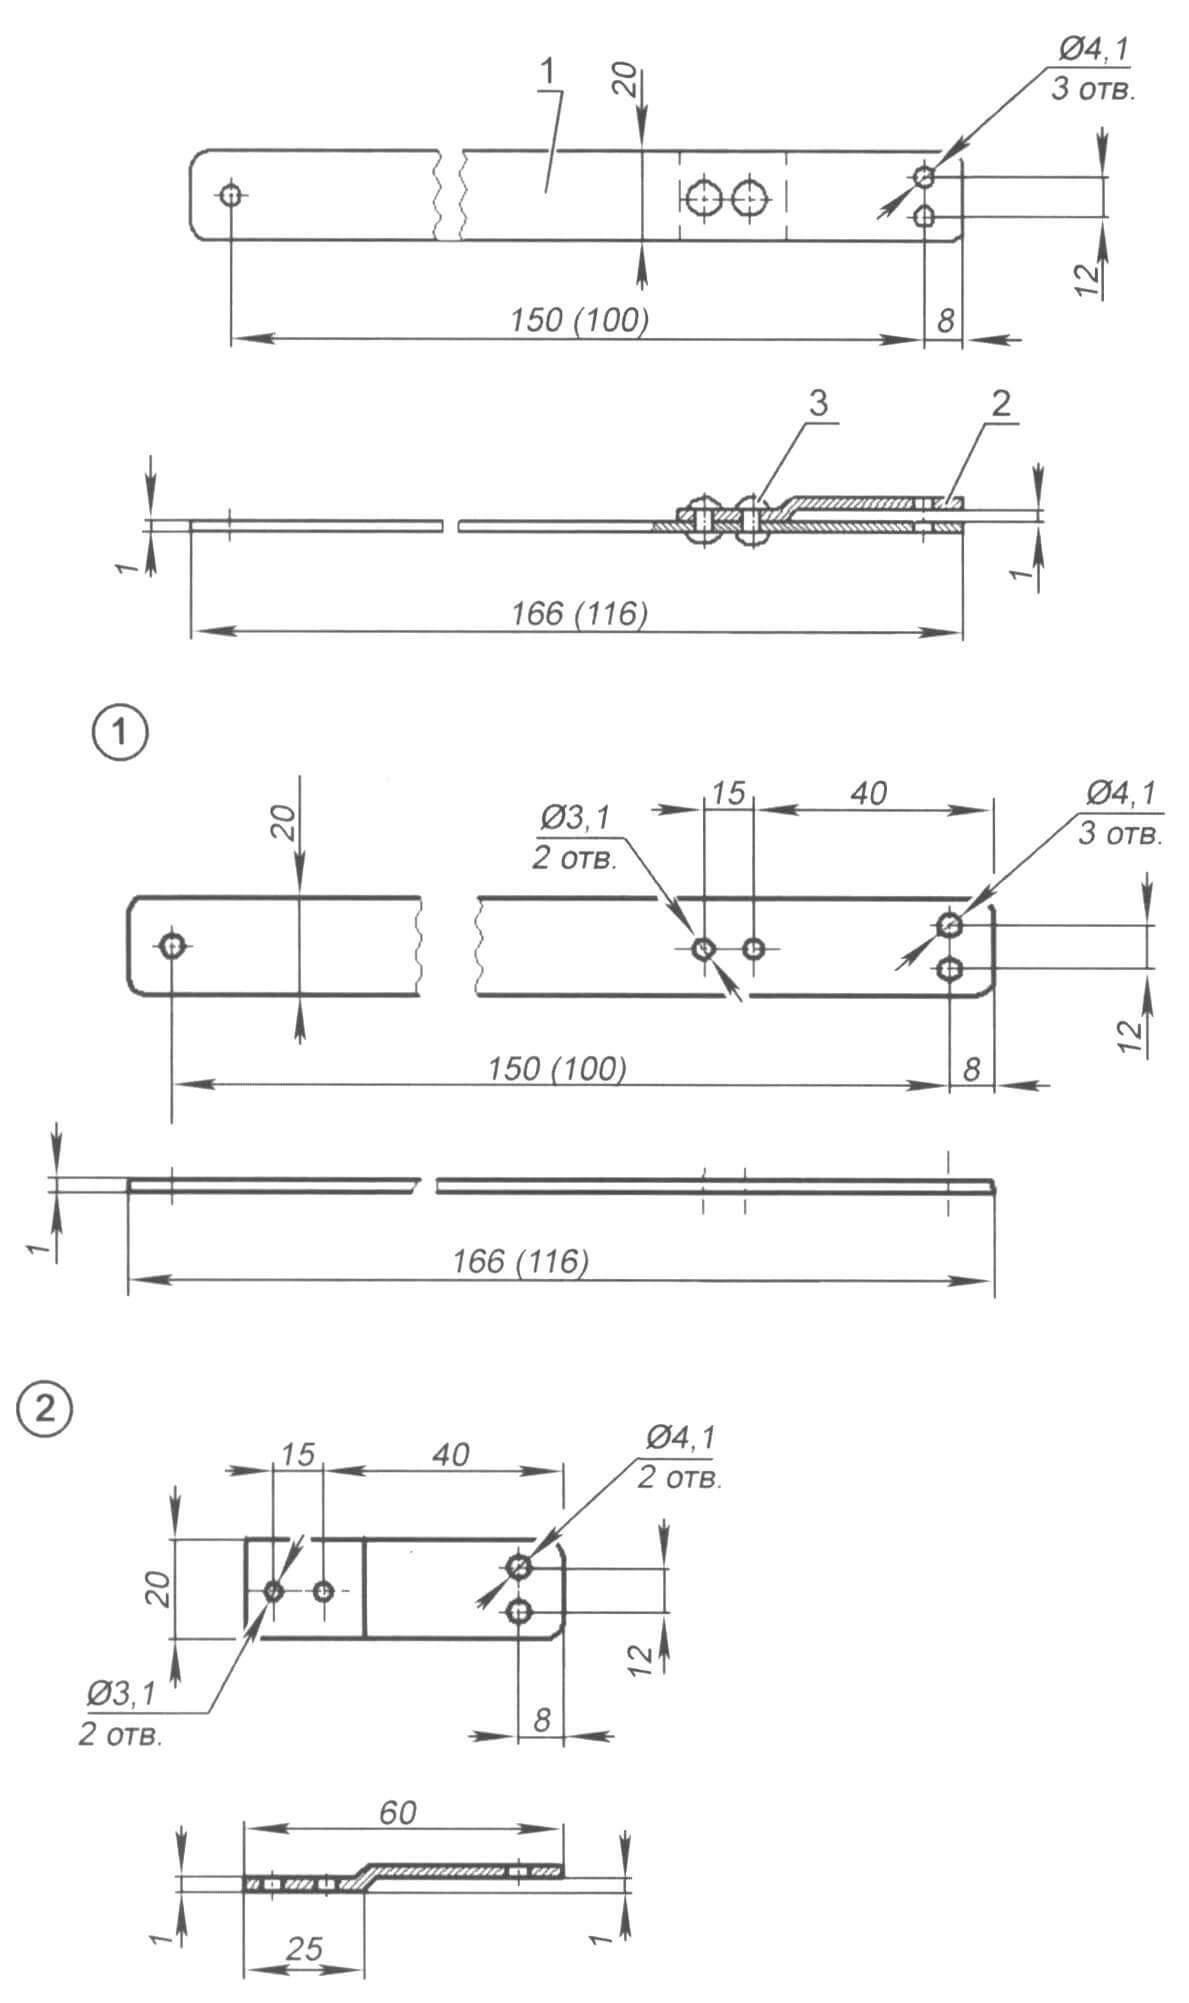 Рис. 2. Удлинитель на 150 мм (в скобках -размеры для удлинителя на 100 мм)